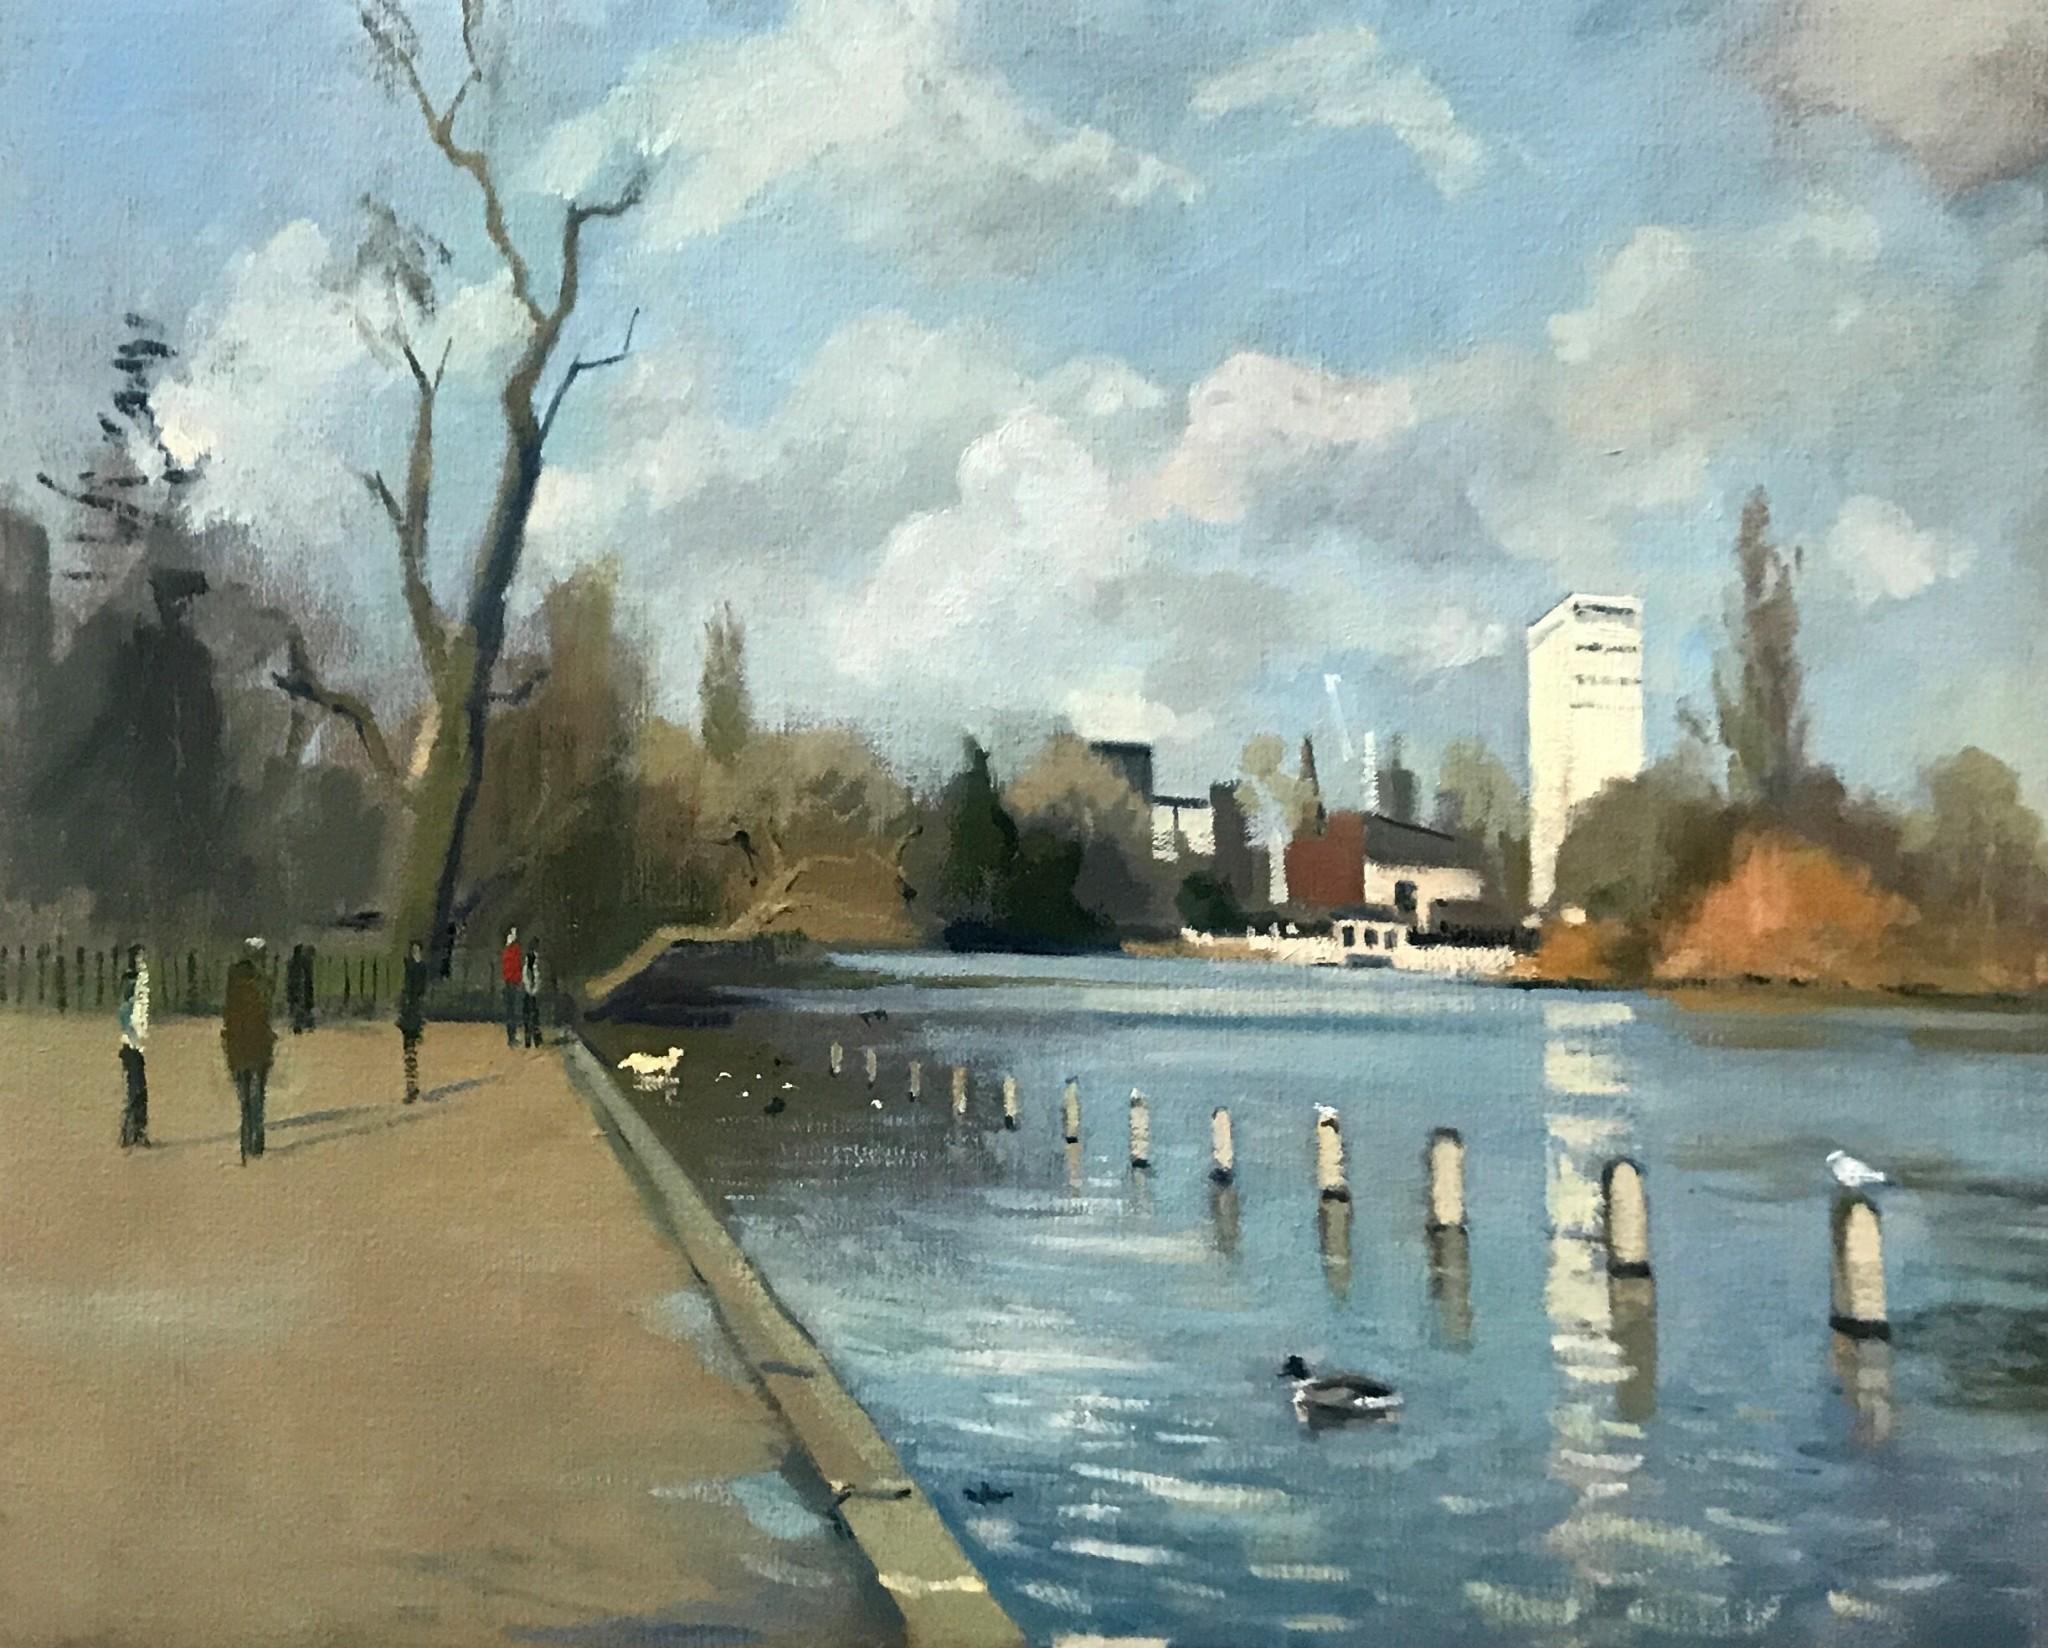 Morning Light, Ducks in Hyde Park